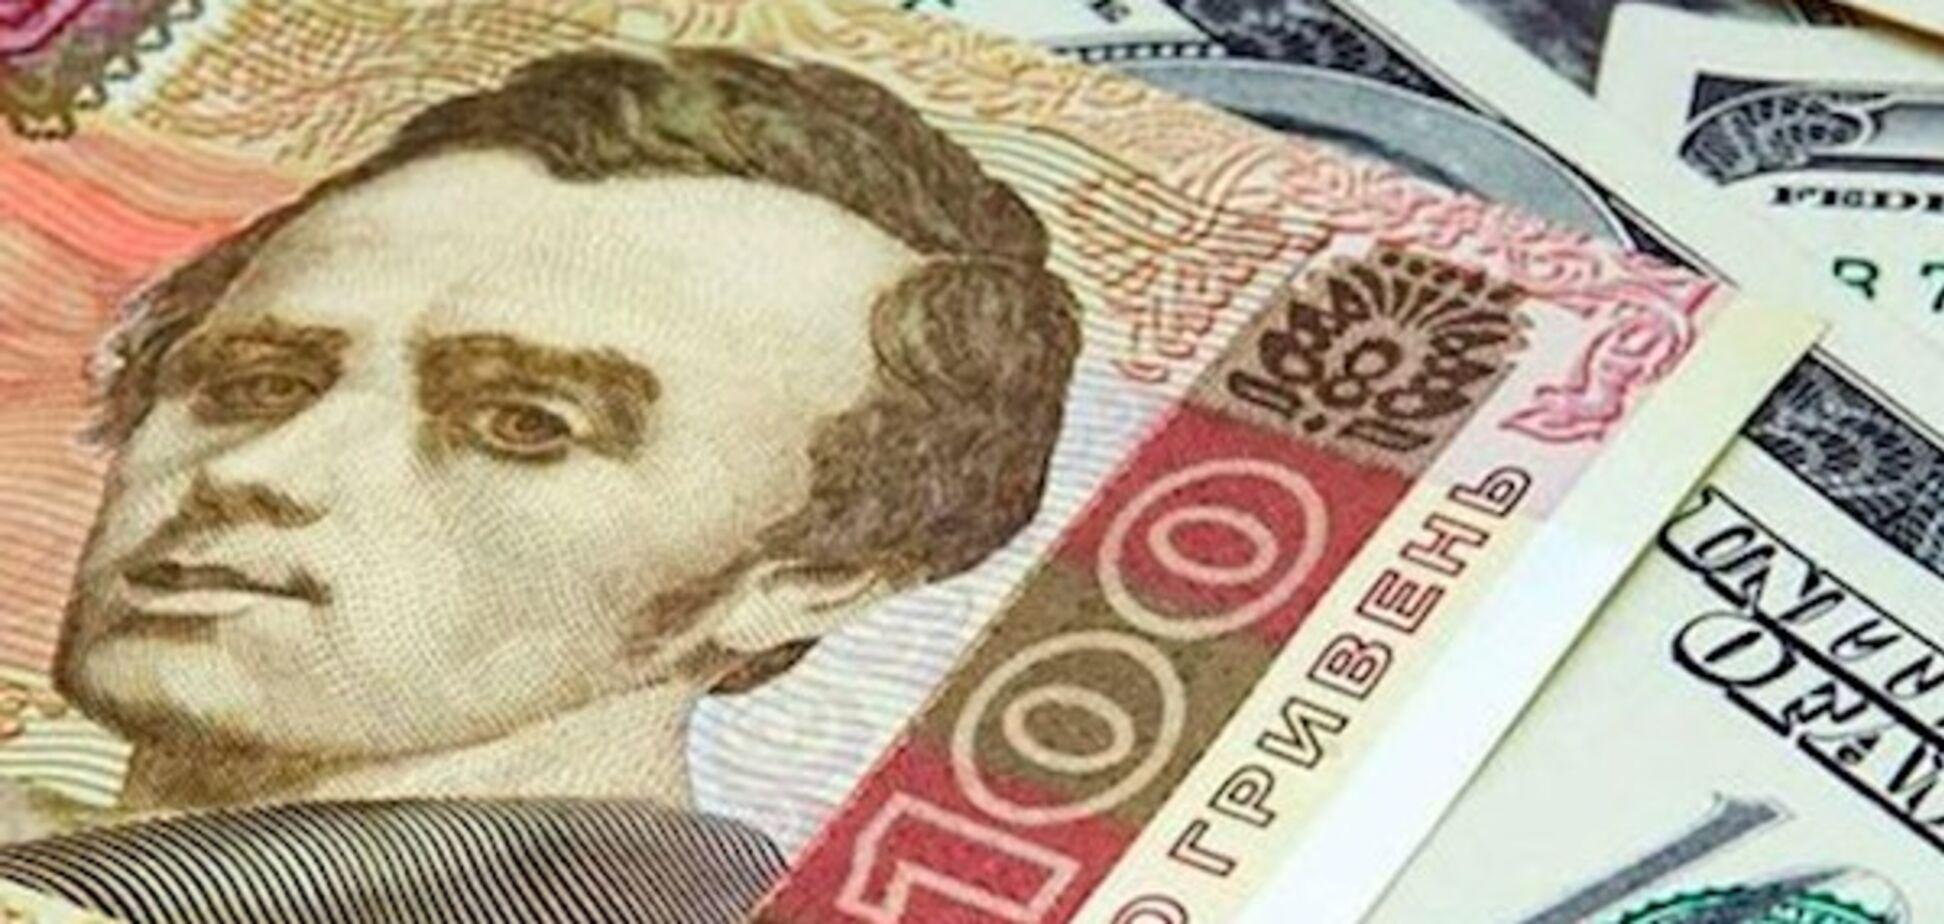 Украину ждет значительная девальвация: в Atlantic Council предупредили о рисках